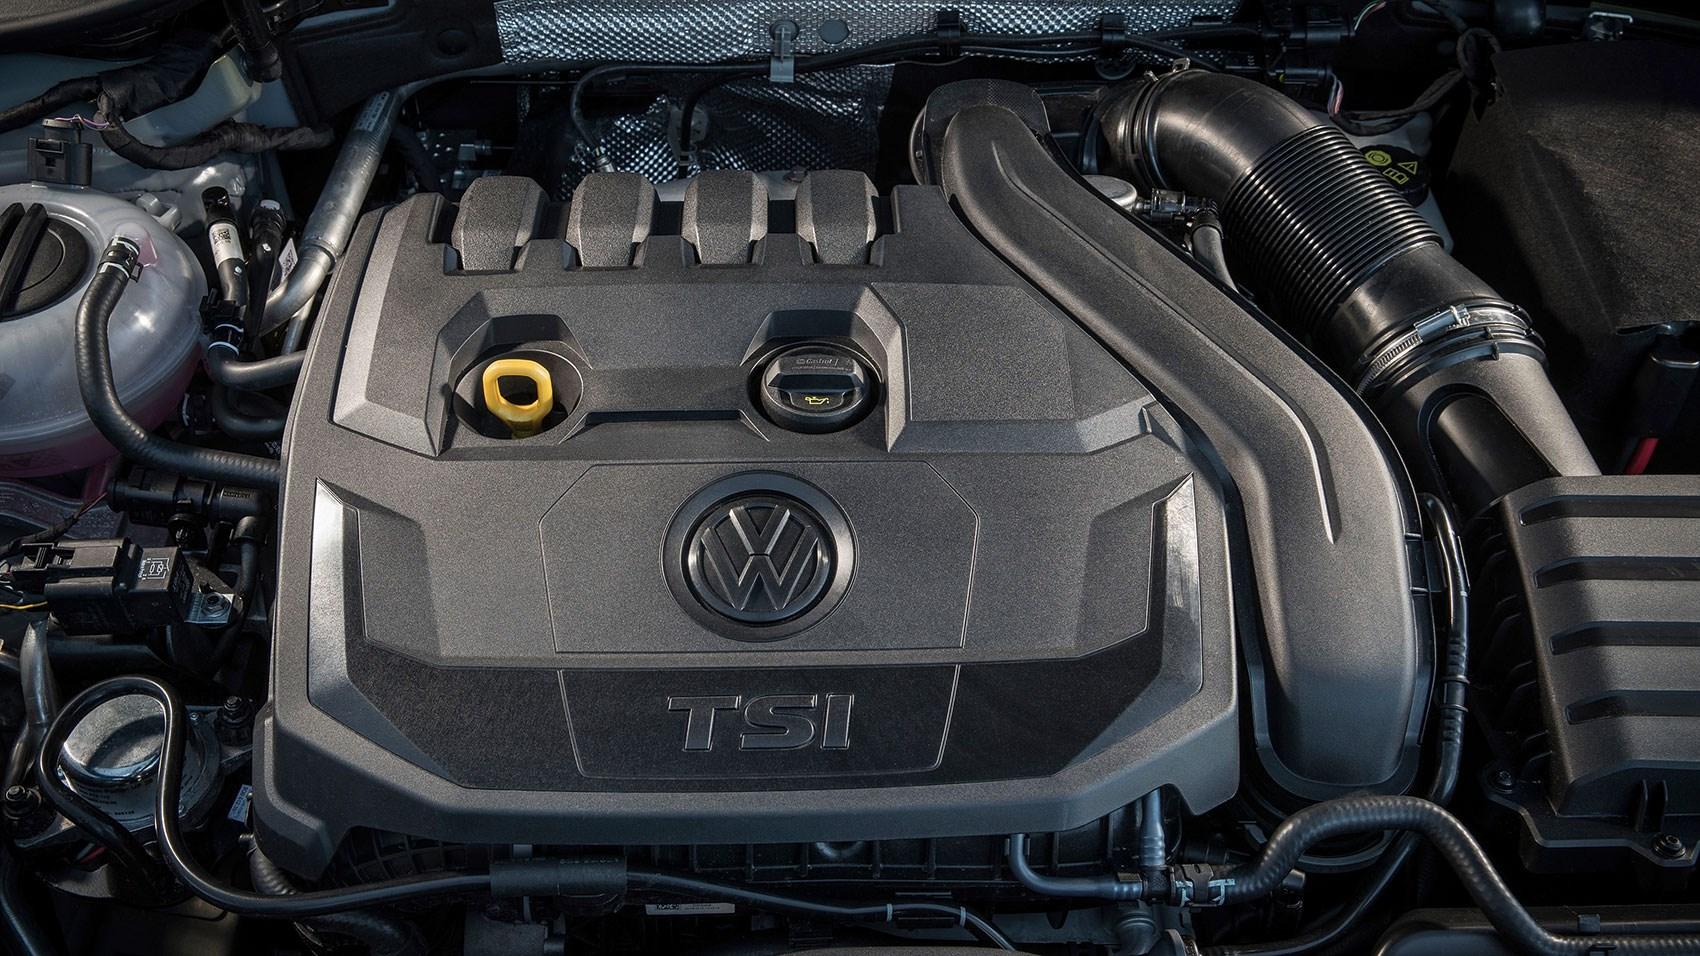 The new VW Golf 1.5 TSI Evo engine